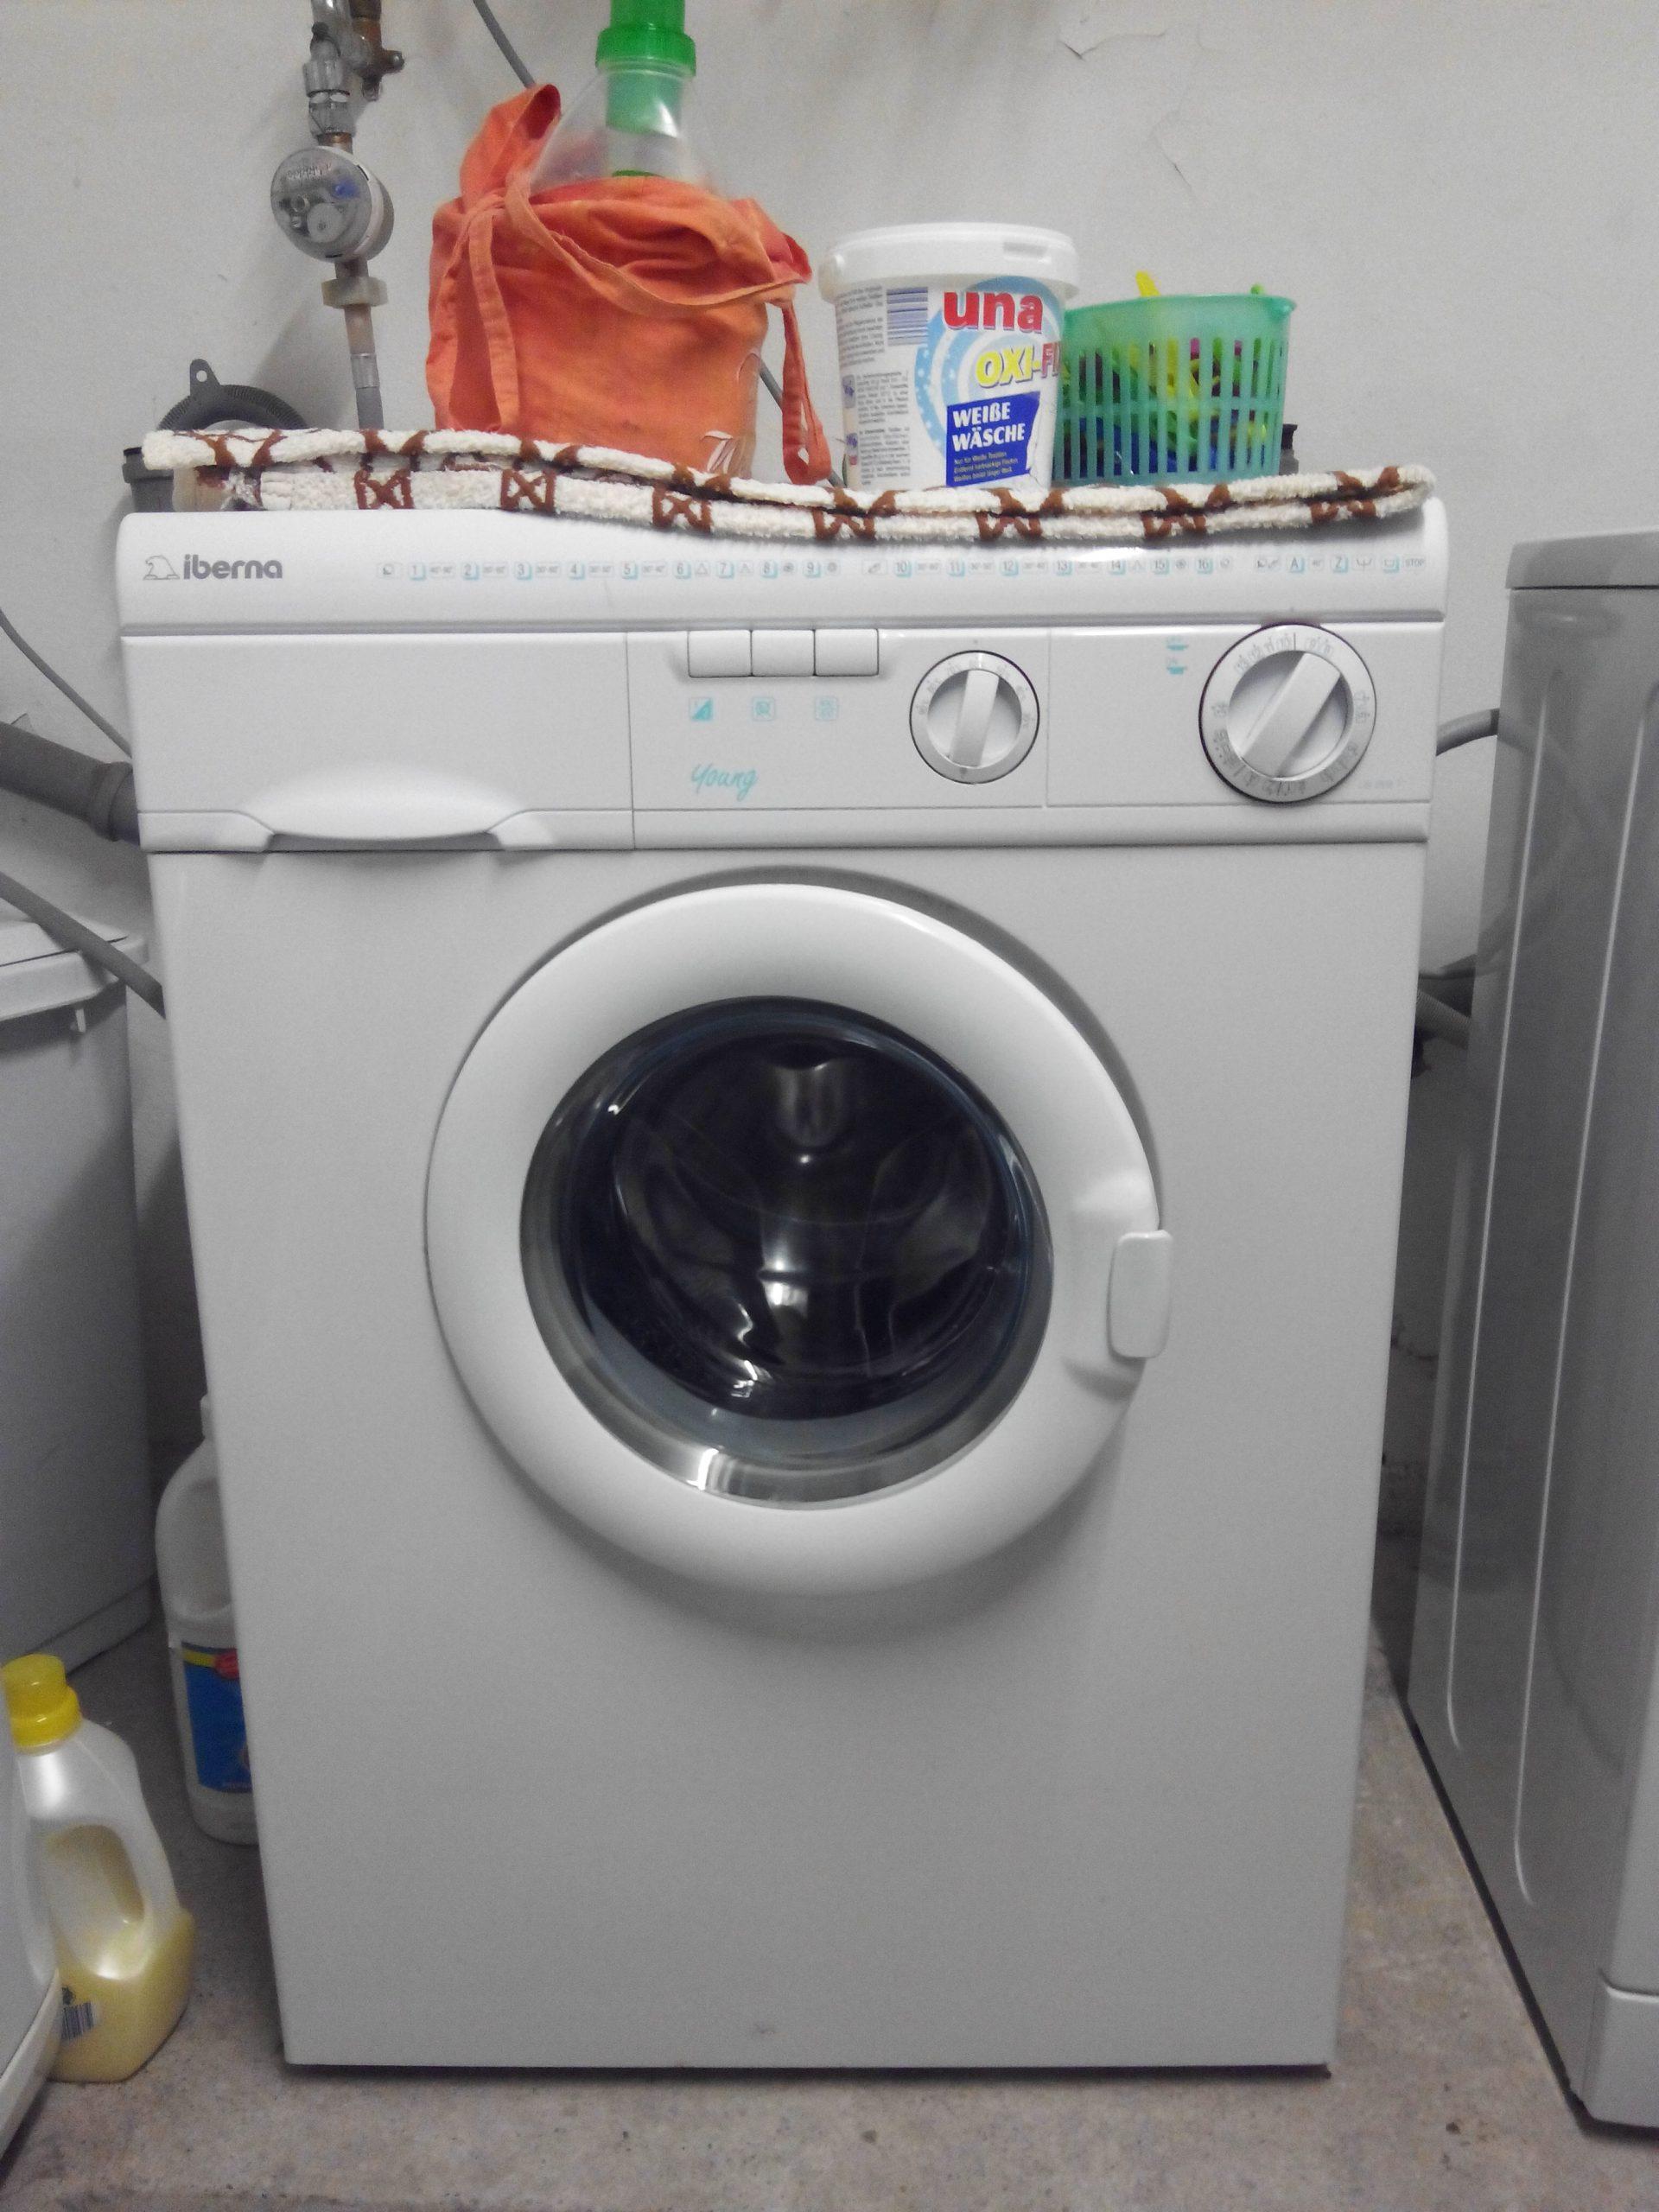 Washing Machine: